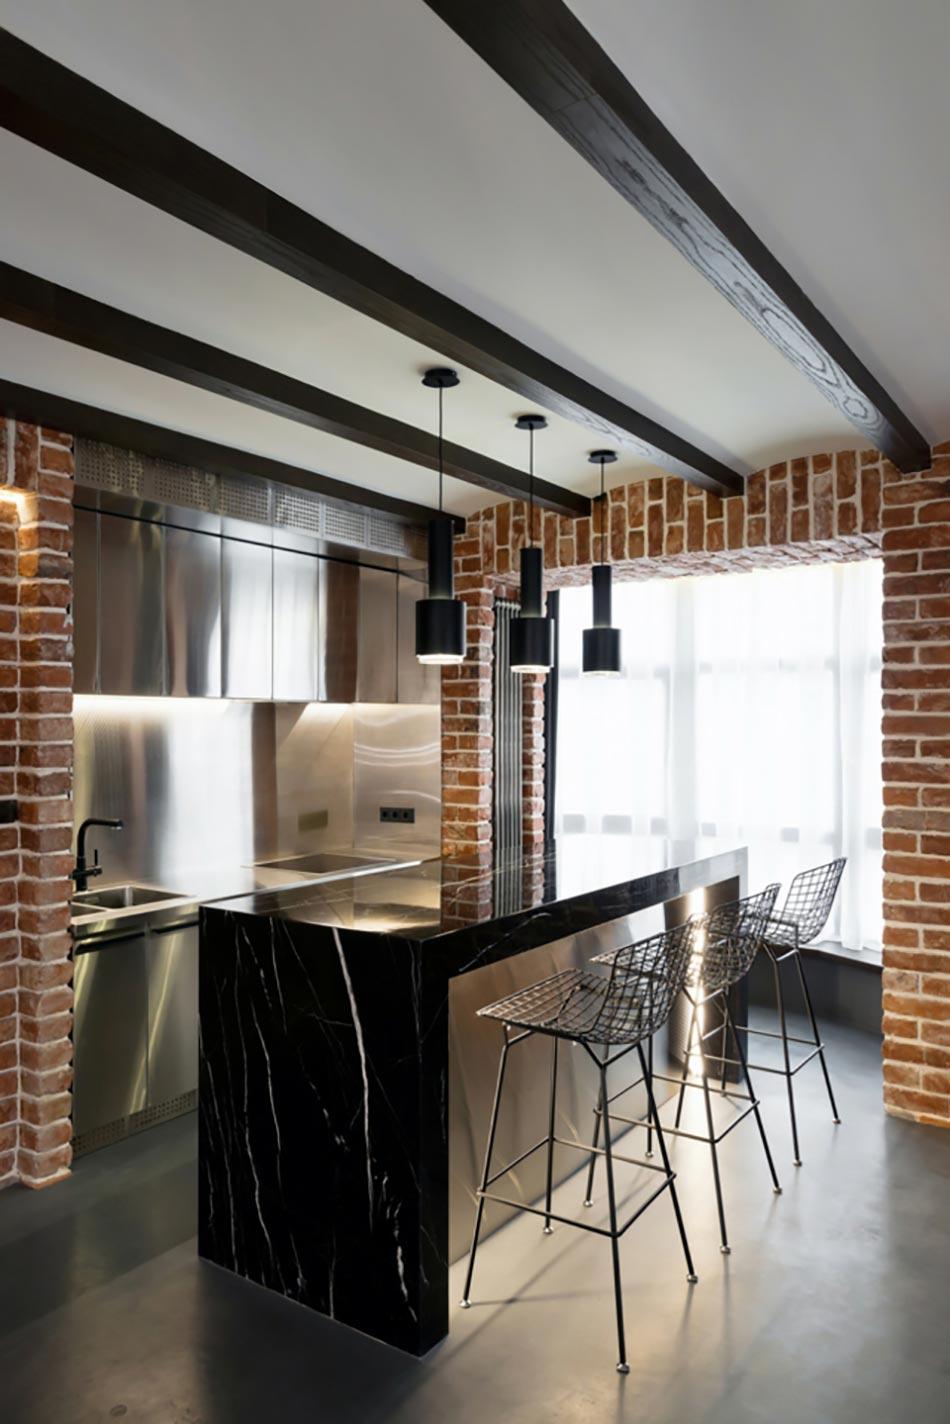 12 concepts de cuisine moderne vus par des designers - Loft design industriel cloud studio ...